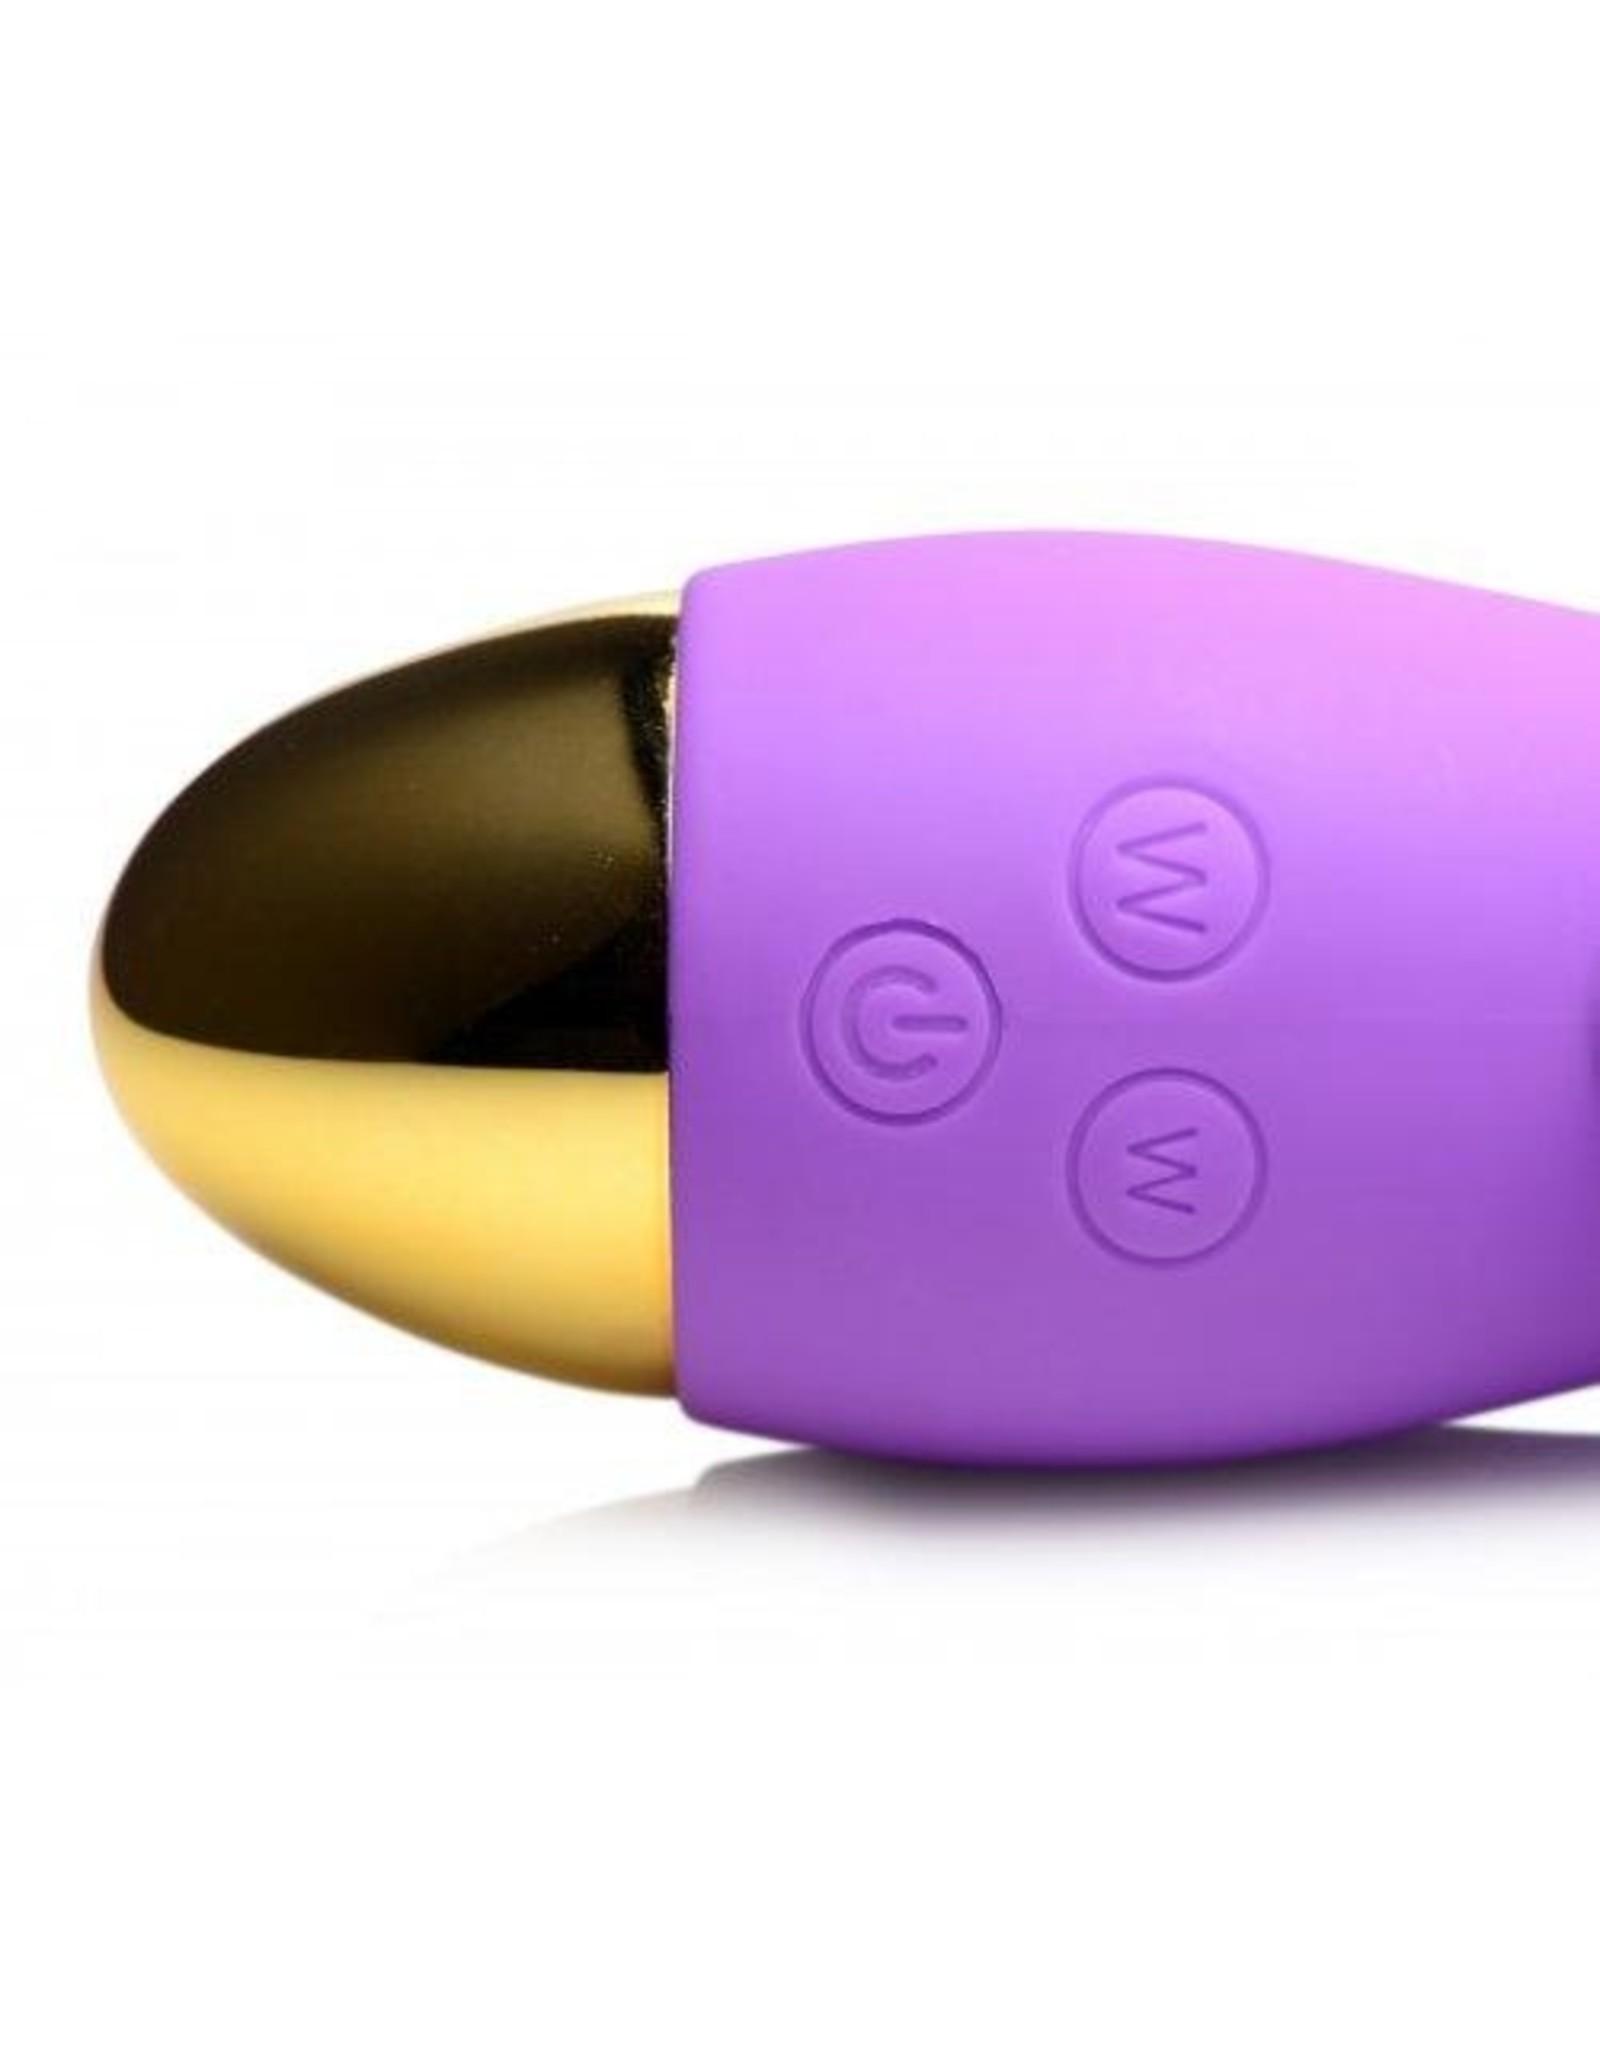 Inmi Inmi Pulserende G-Spot Vibrator